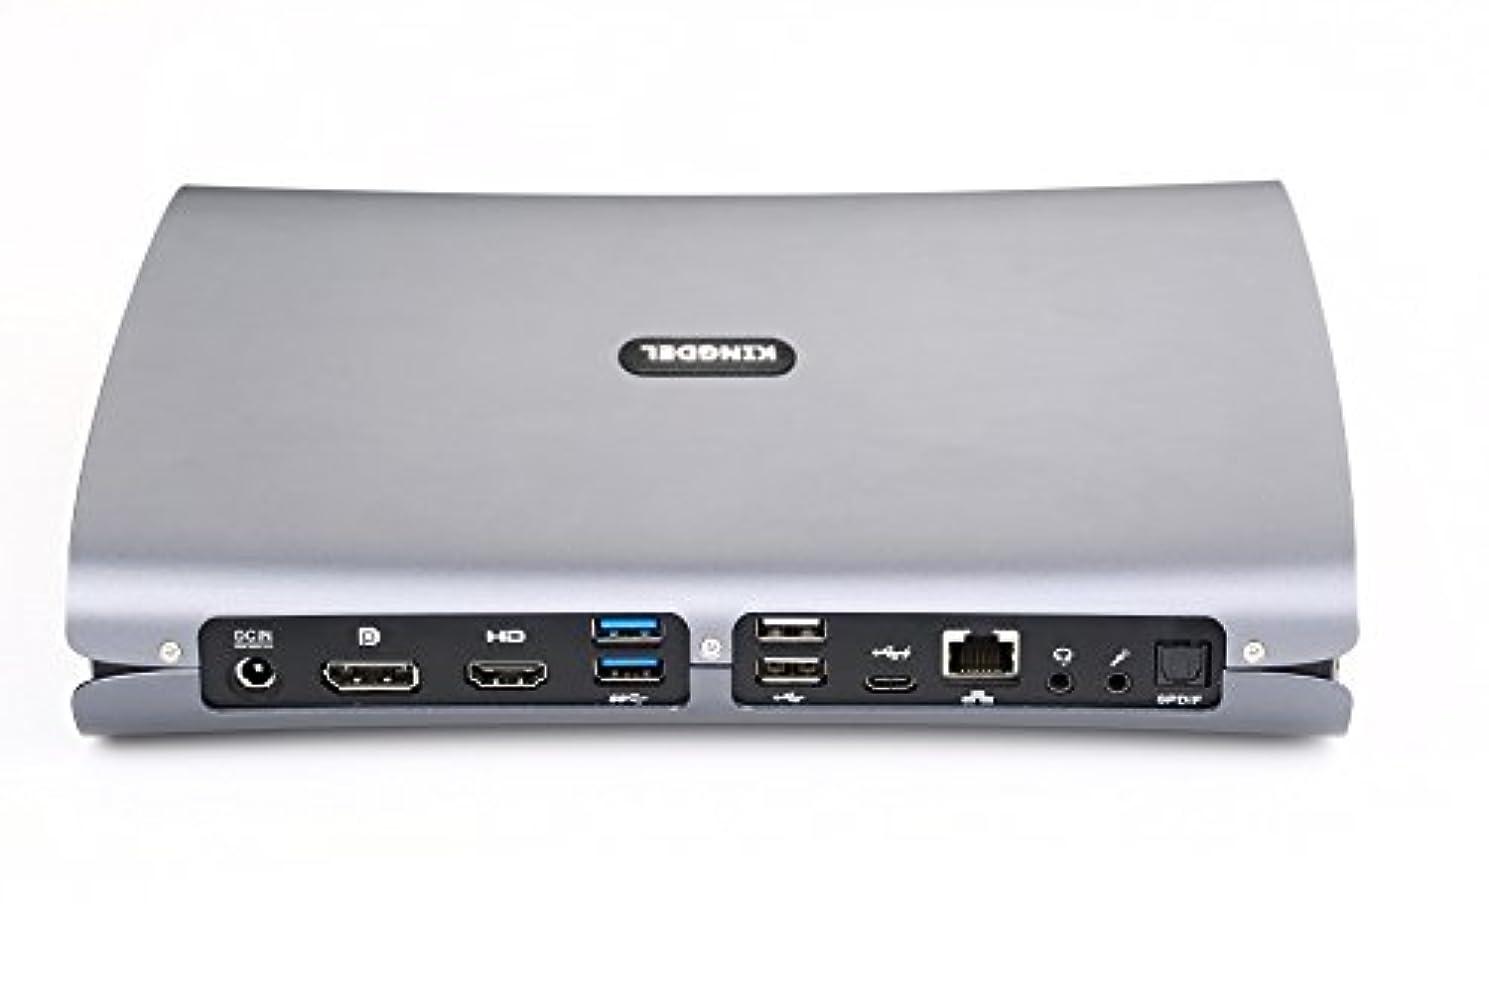 Kingdel F500 Super Mini Desktop Computer with Intel i7-6700HQ Skylake CPU, 32GB DDR4 RAM, 512GB SSD, Dedicated Nvidia GTX 960M Graphics, 4K 4096x2304, Type-C, DP, HDMI, Windows 10 Pro